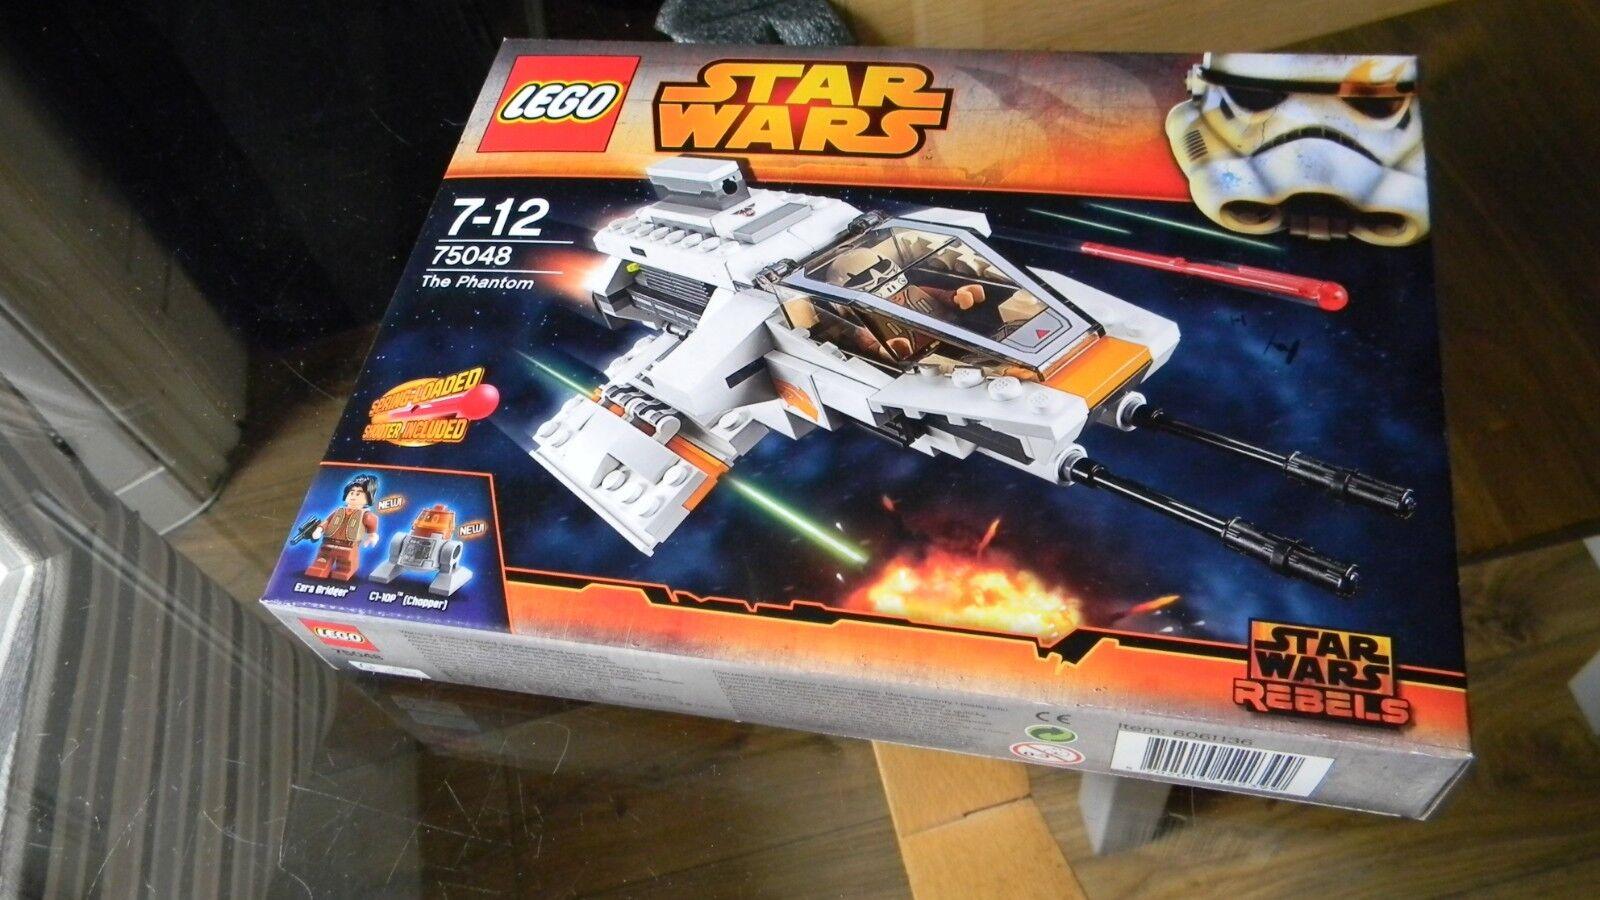 Lego Star Wars-Le Fantôme 75048  2014 Neuf Scellé